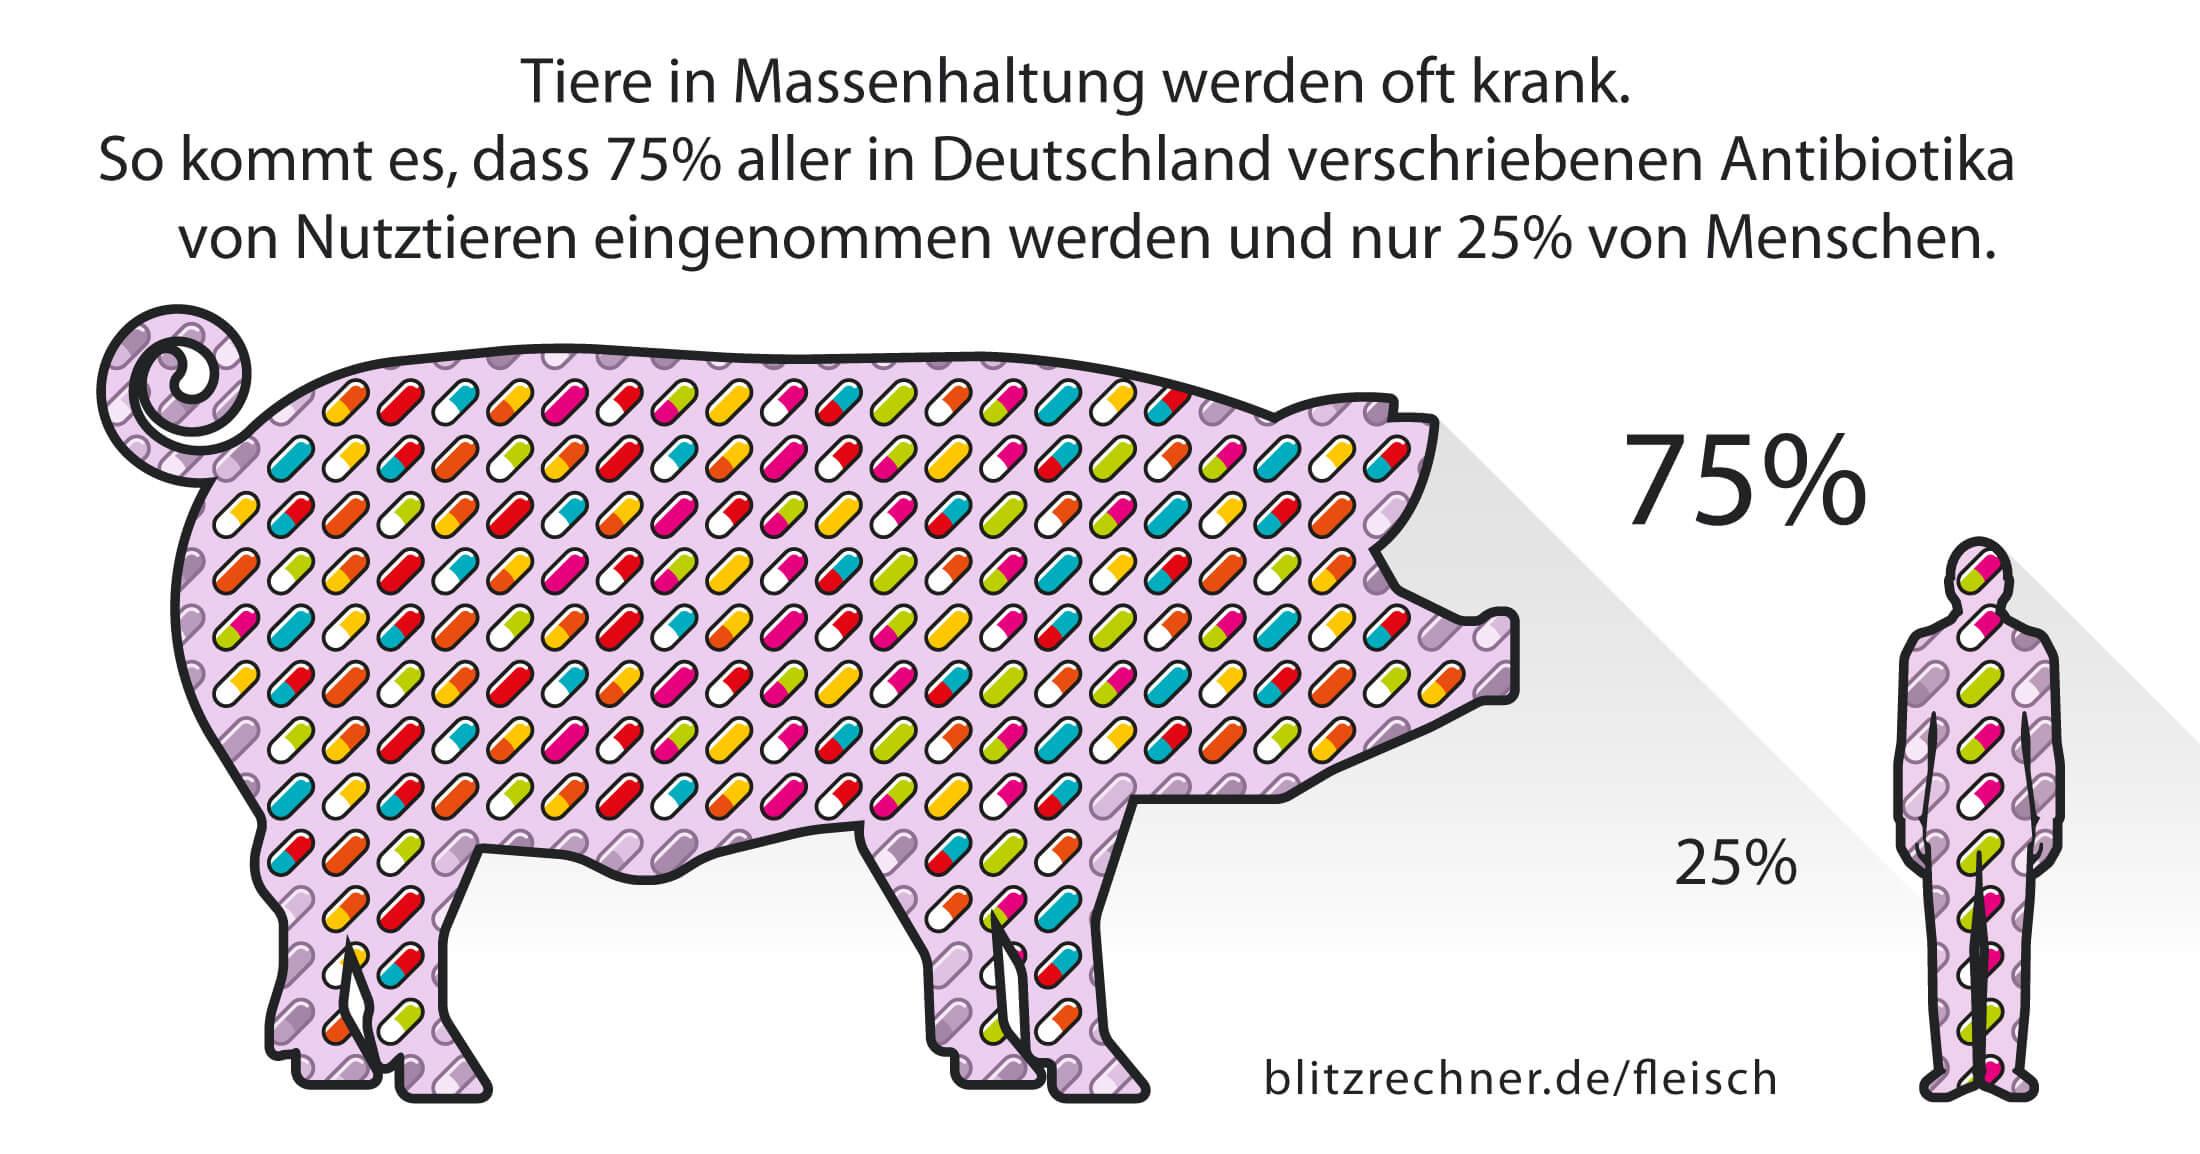 blitzrechner-fleischrechner-antibiotika-2200px